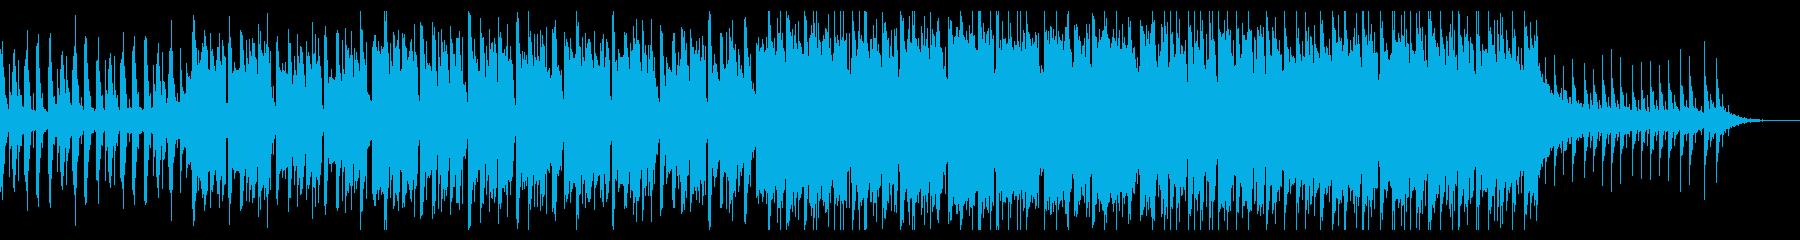 ポップ テクノ 代替案 トランス ...の再生済みの波形